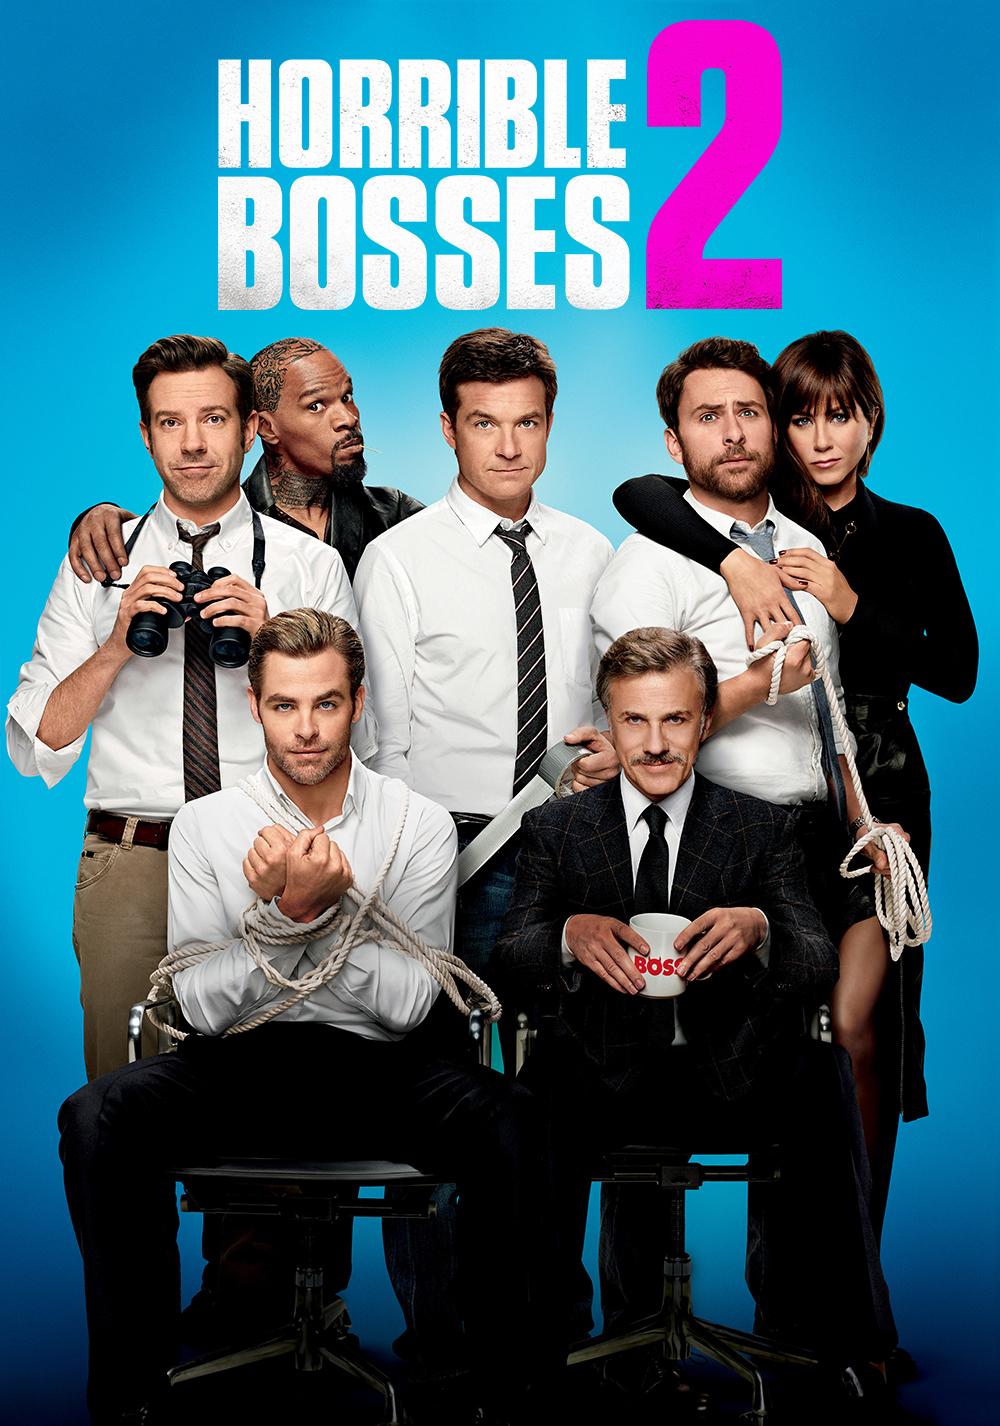 Horrible Bosses 2 Poster 2014